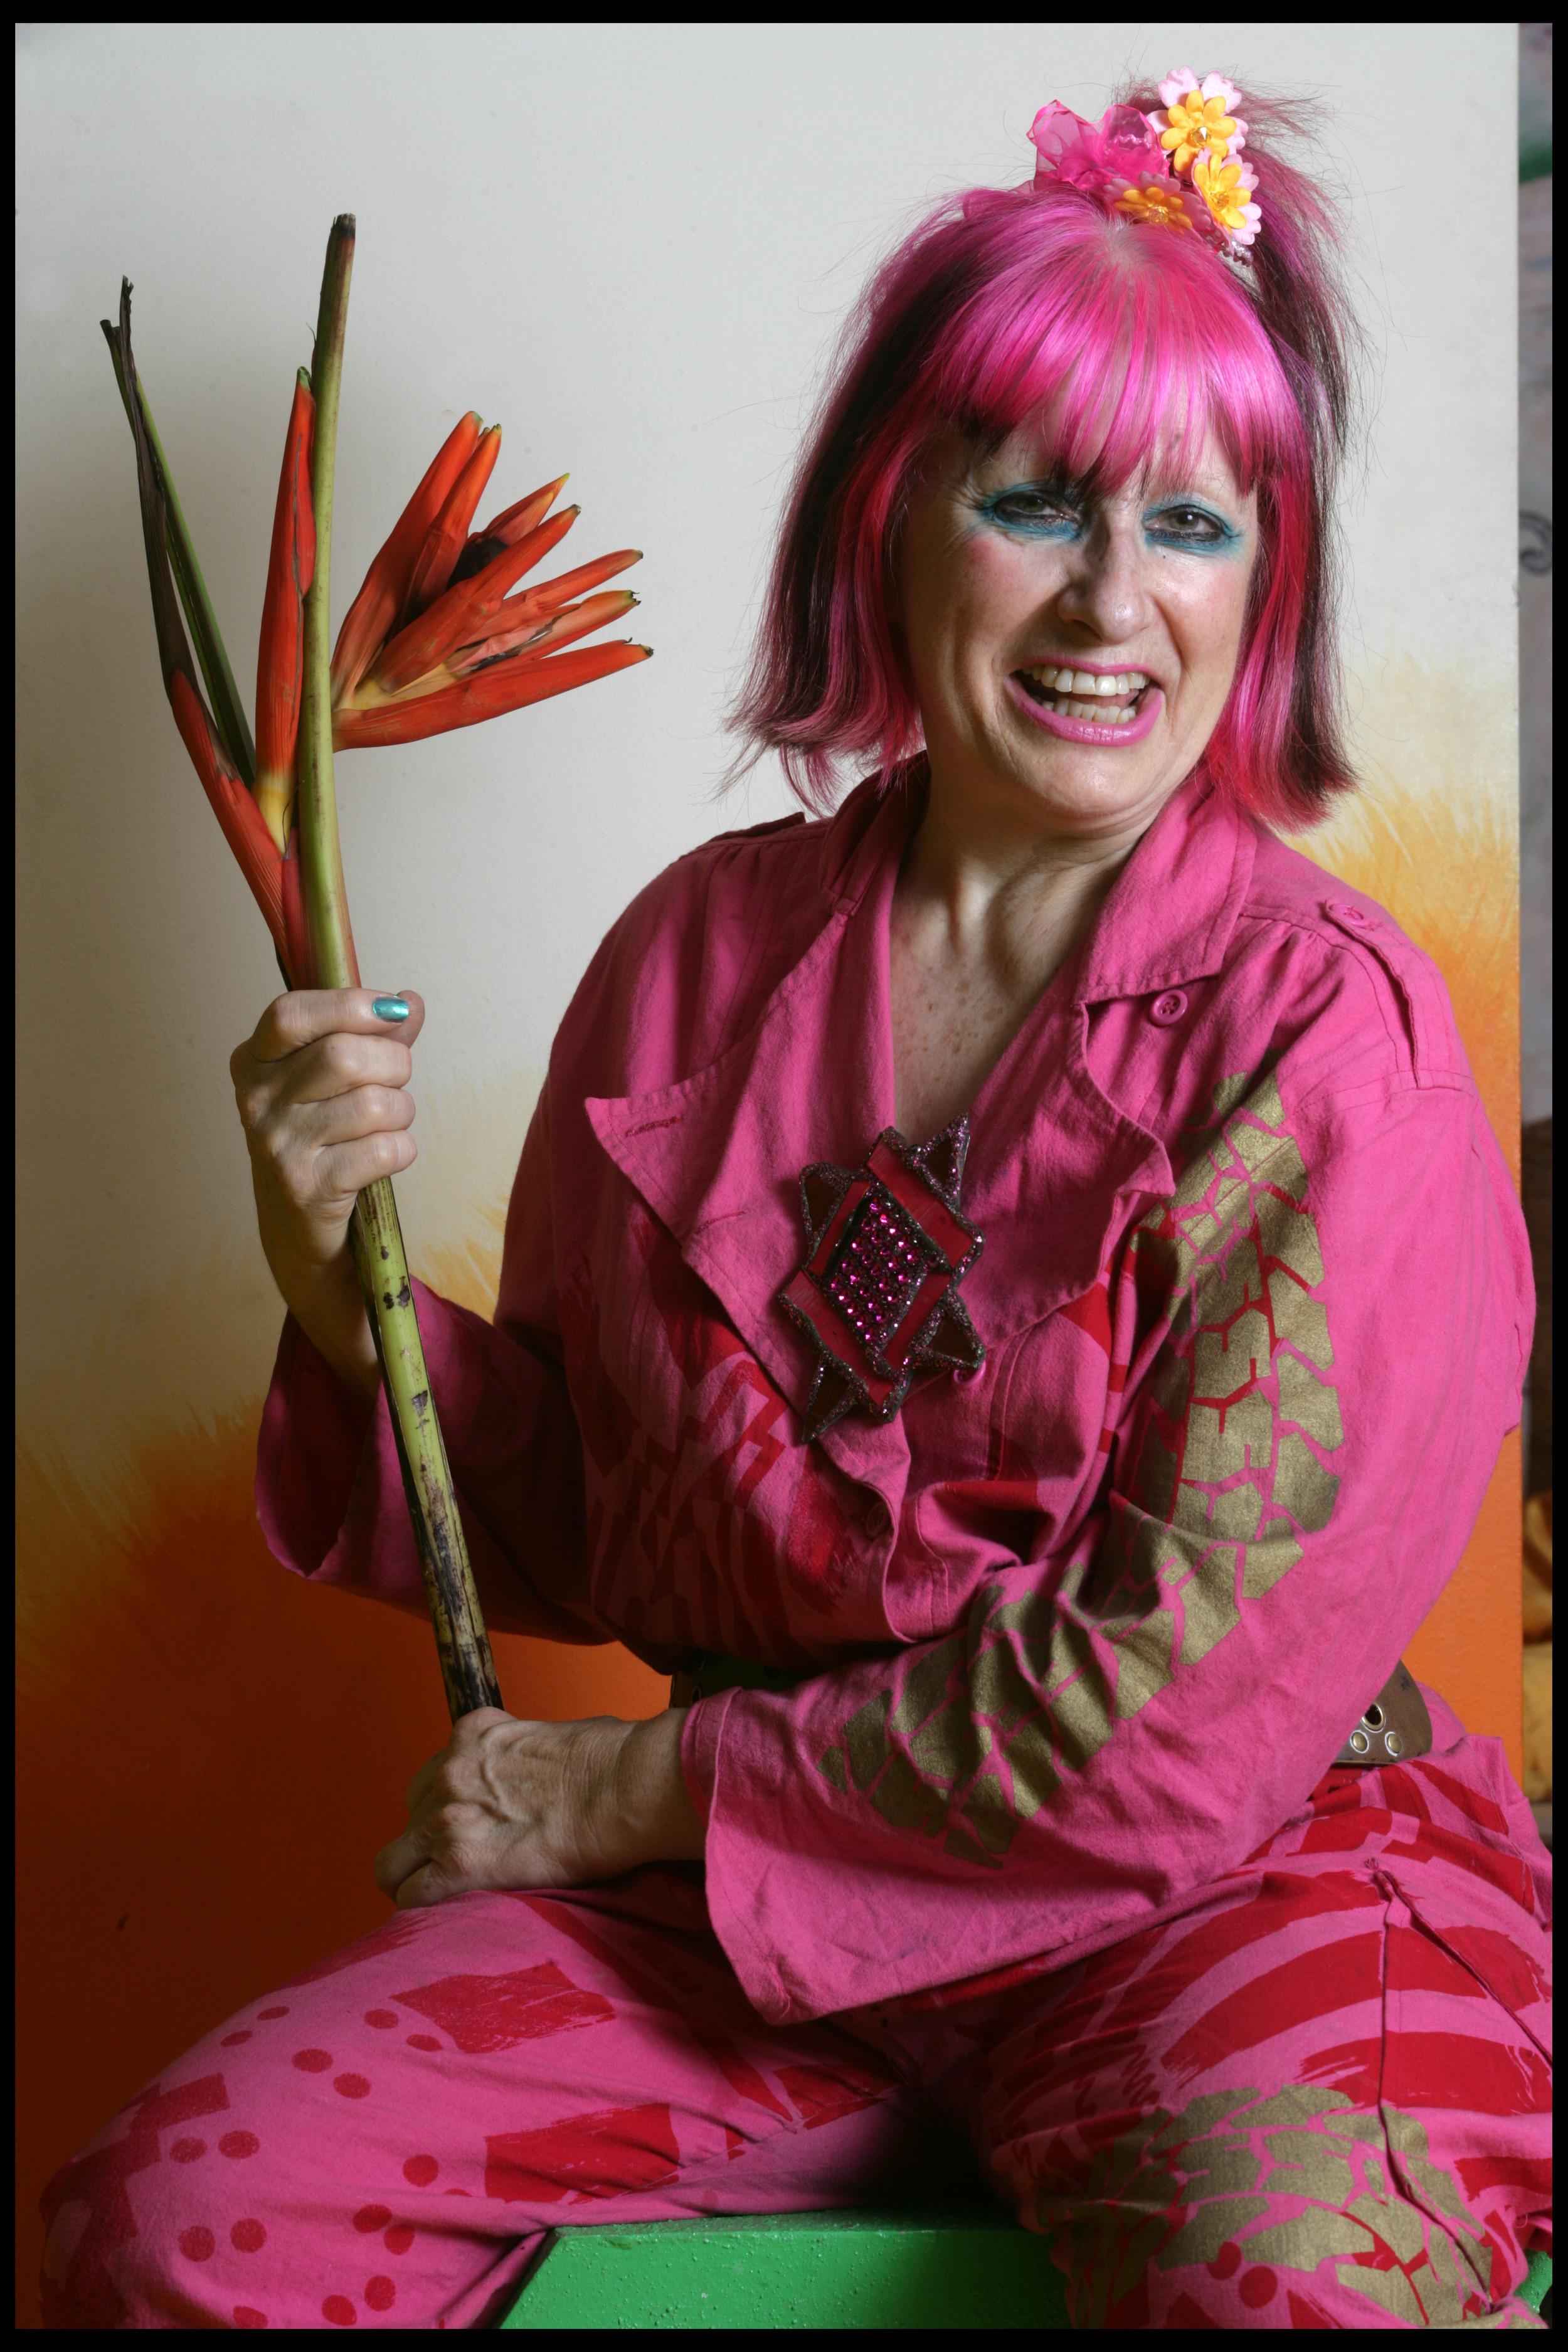 Zandra Rhodes, fashion designer